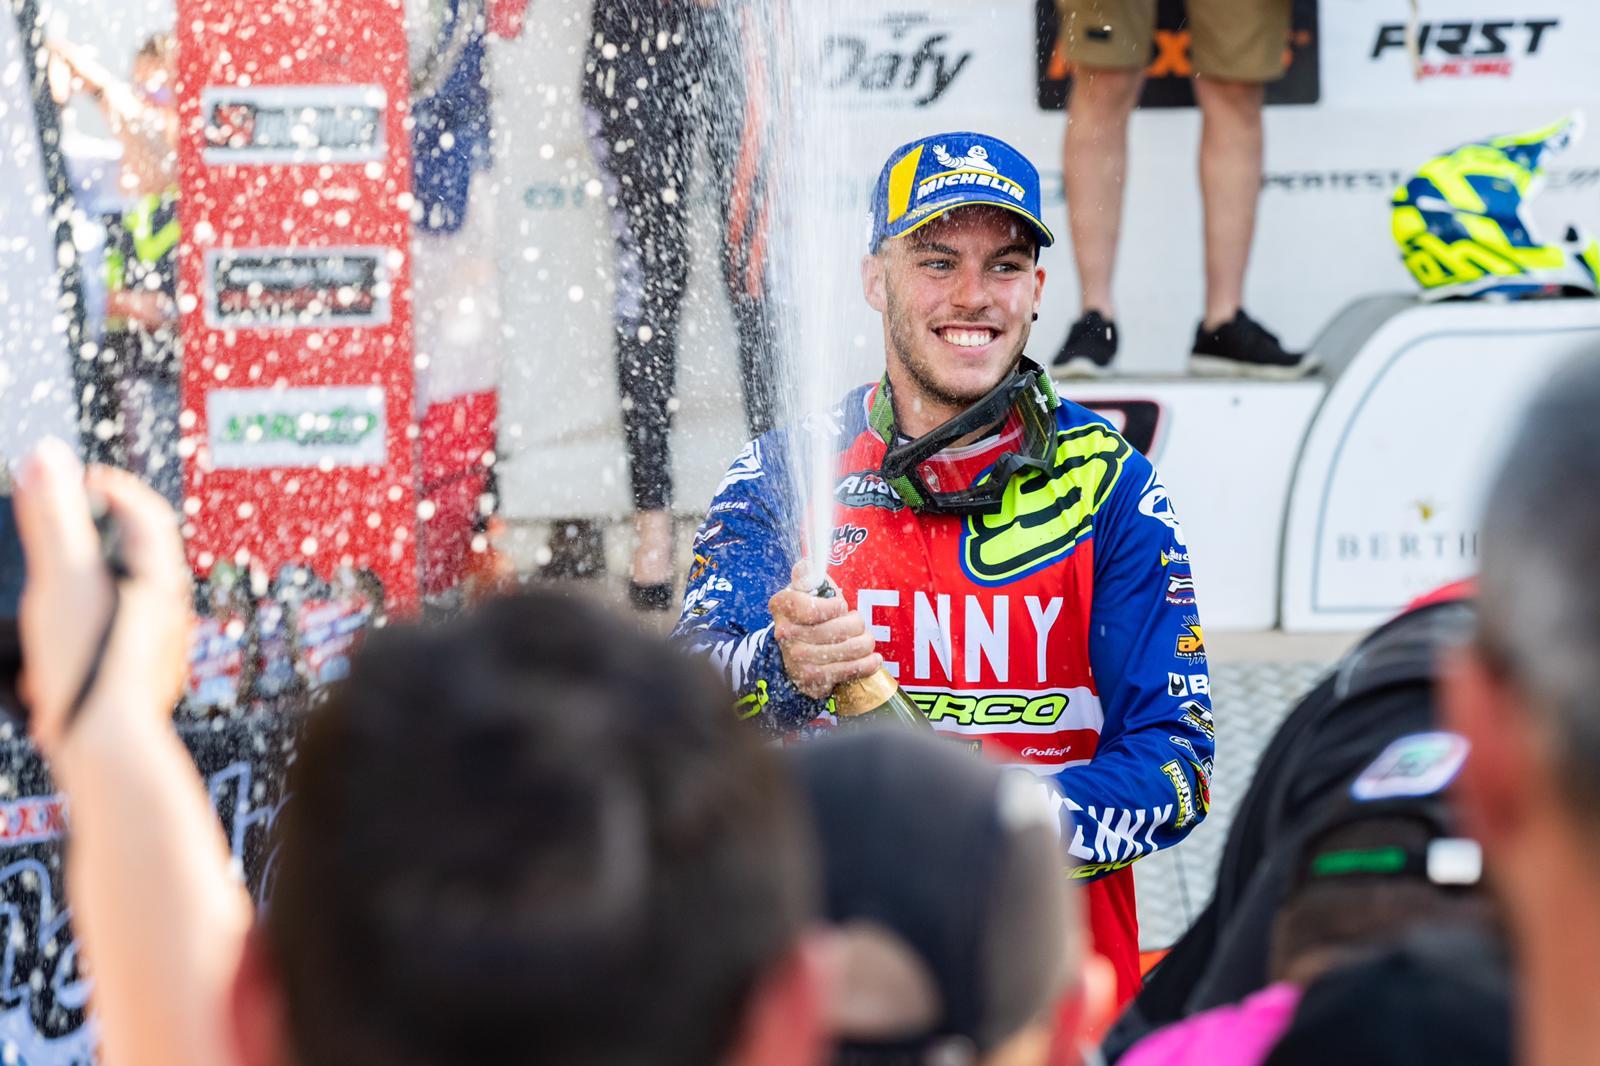 A Sherco csapat Amertben járt, a 2019-es Enduro GP utolsó versenyén (17)